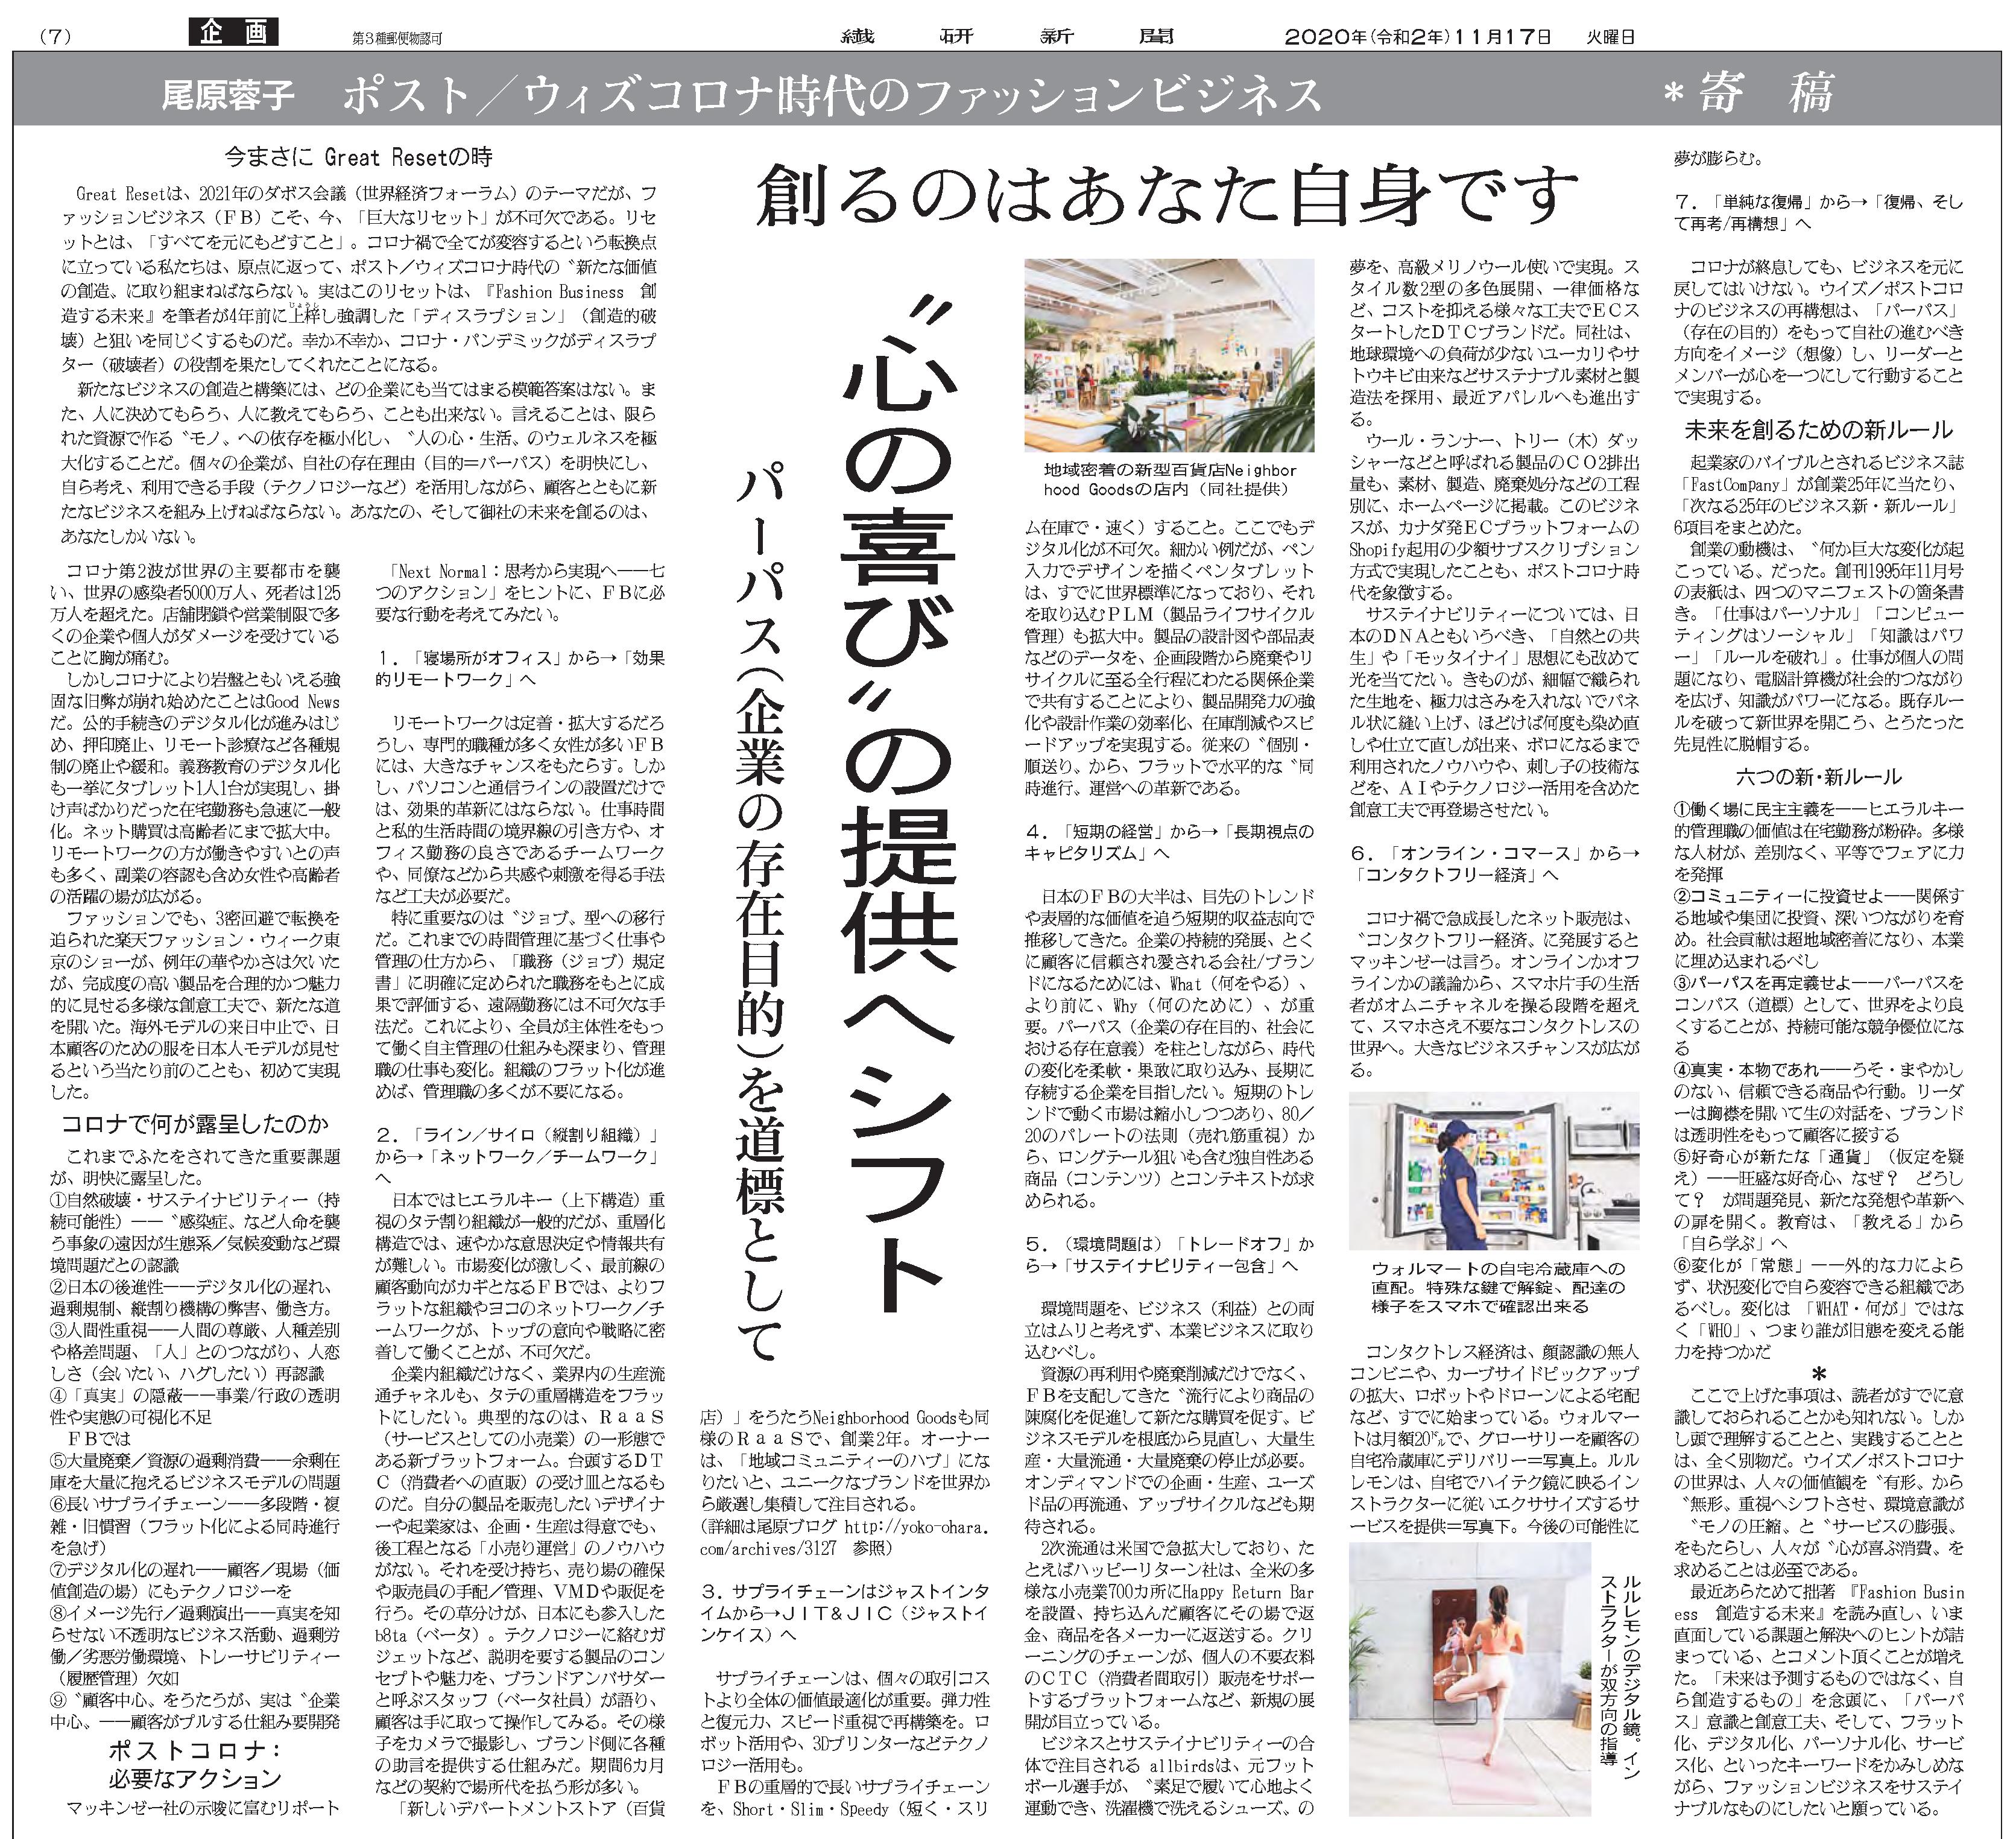 繊研新聞20201117_7面_ポスト/ウィズコロナ時代のファッションビジネス